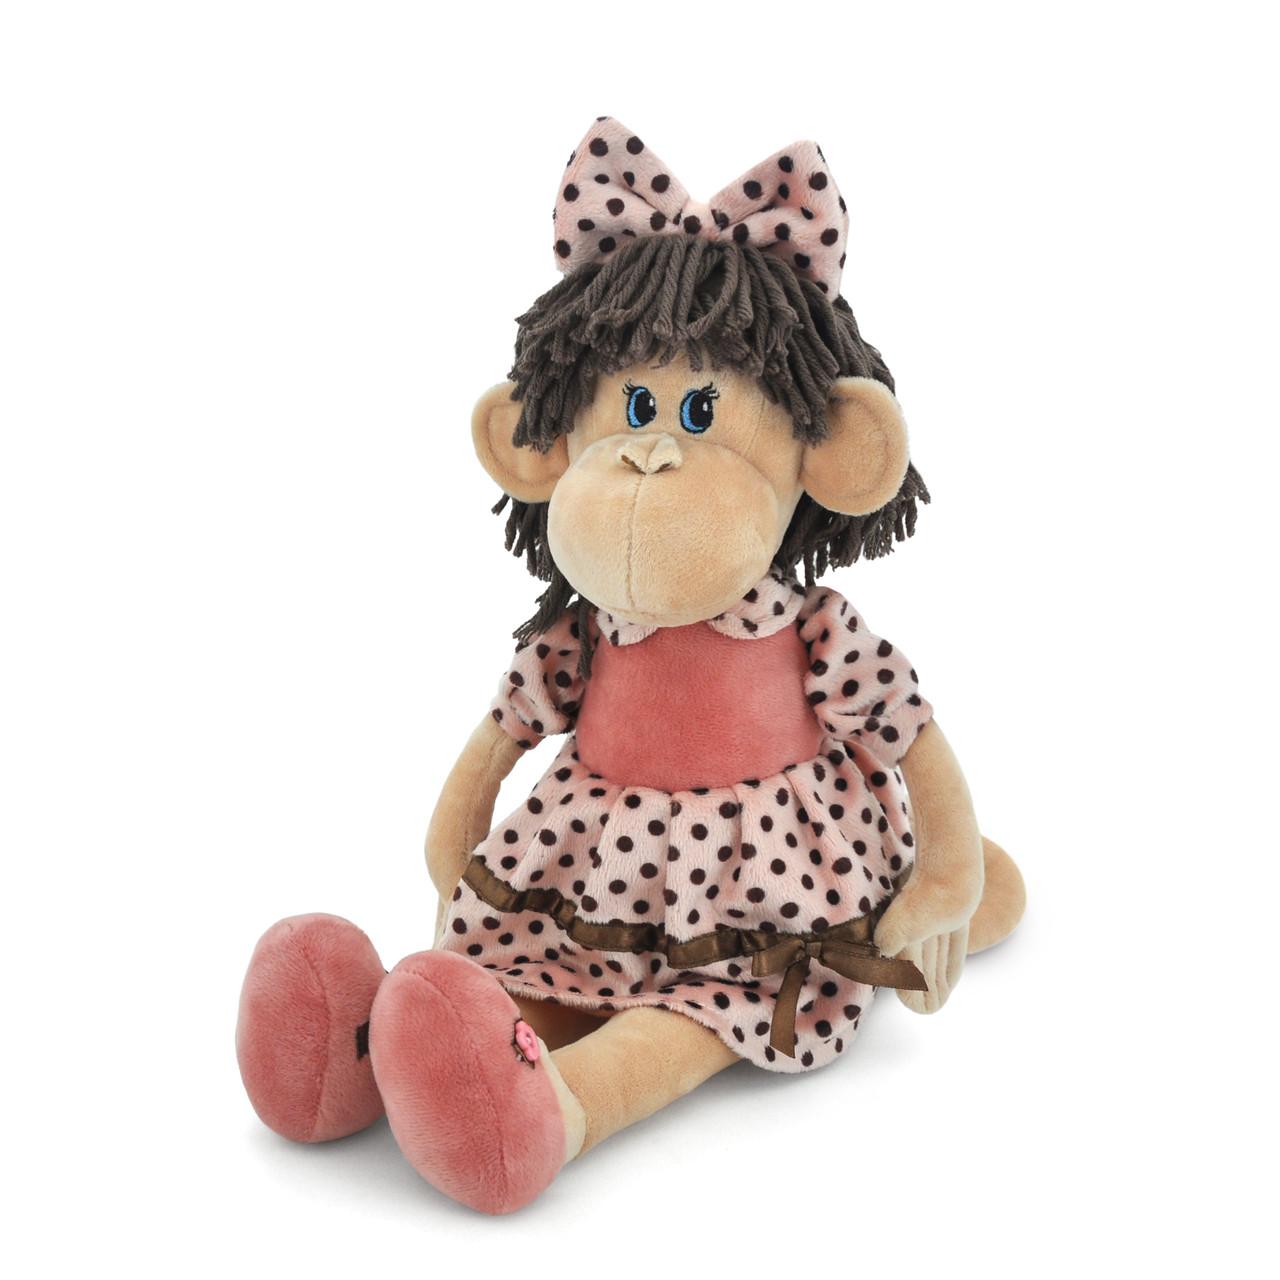 Мягкая игрушка «Orange» (5008/25) обезьянка Ляля в платье в горошек и туфлях, 45 см